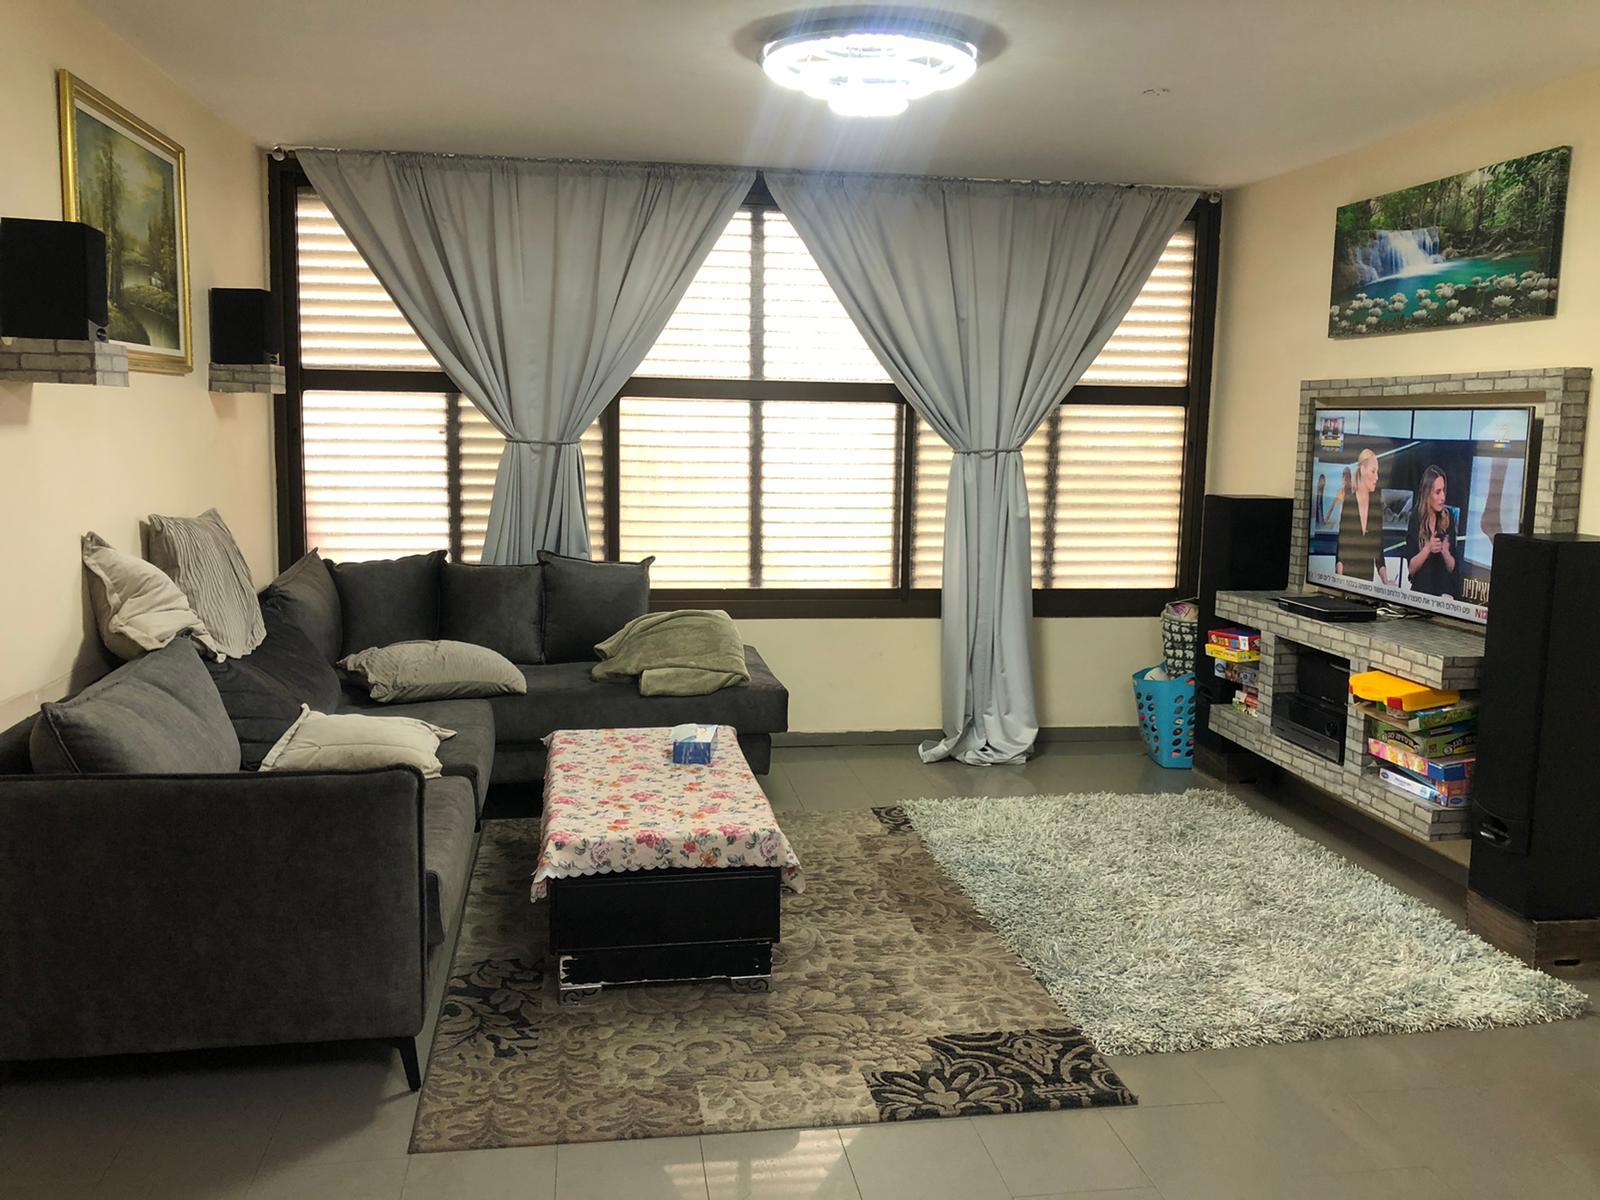 דירת 4 חדרים בשכונת בן גוריון המבוקשת משופצת מהיסוד עם מעלית וחניה בטאבו דירה גדולה ומרווחת 100 מטר